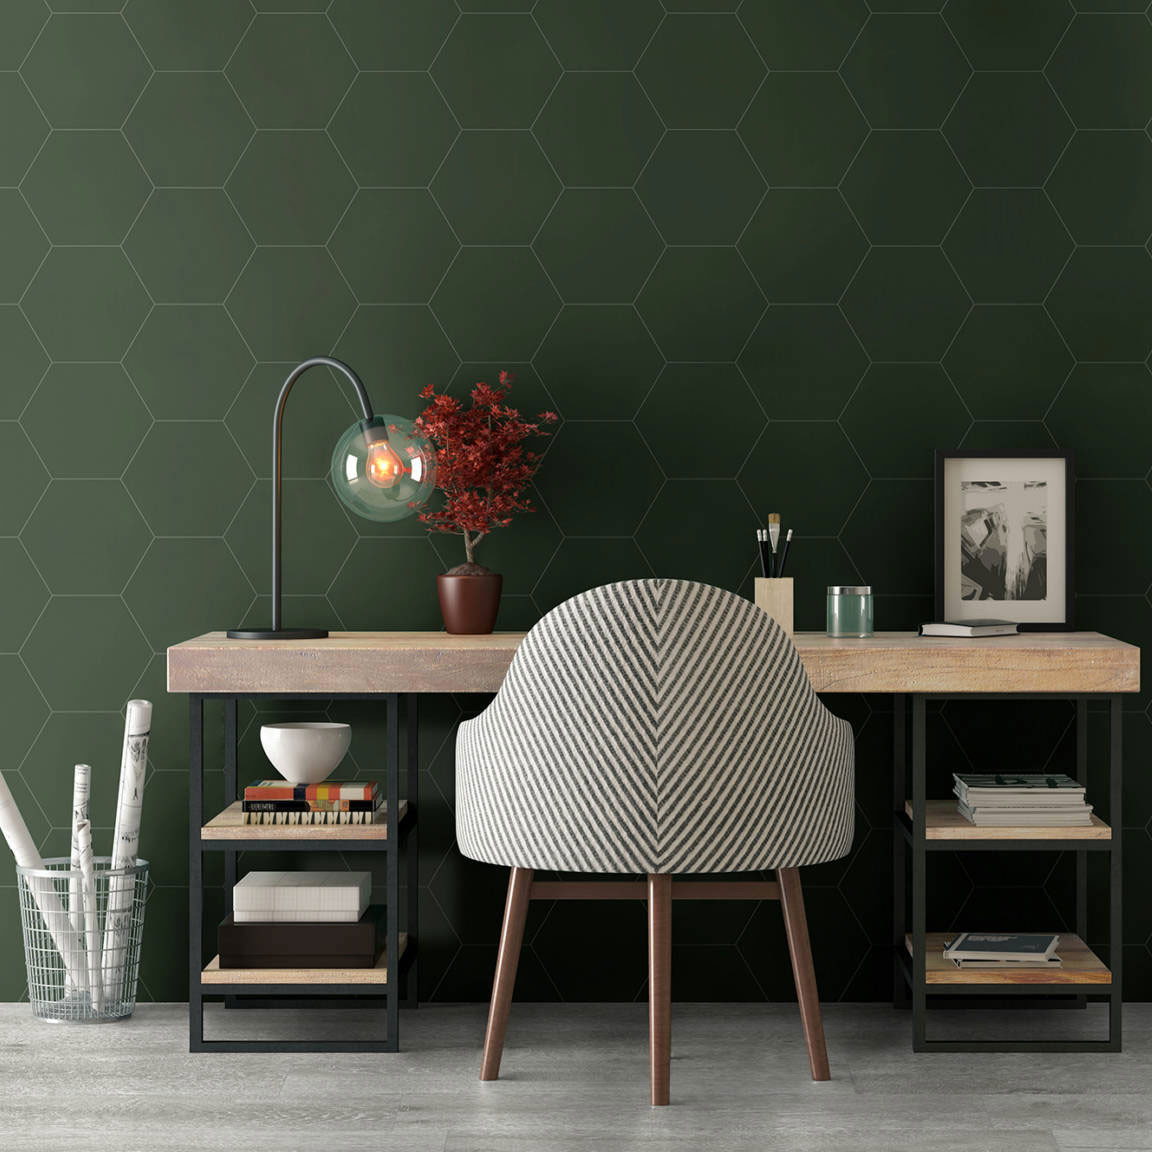 Carrelage hexagonal Element Vert mat 23x27 cm